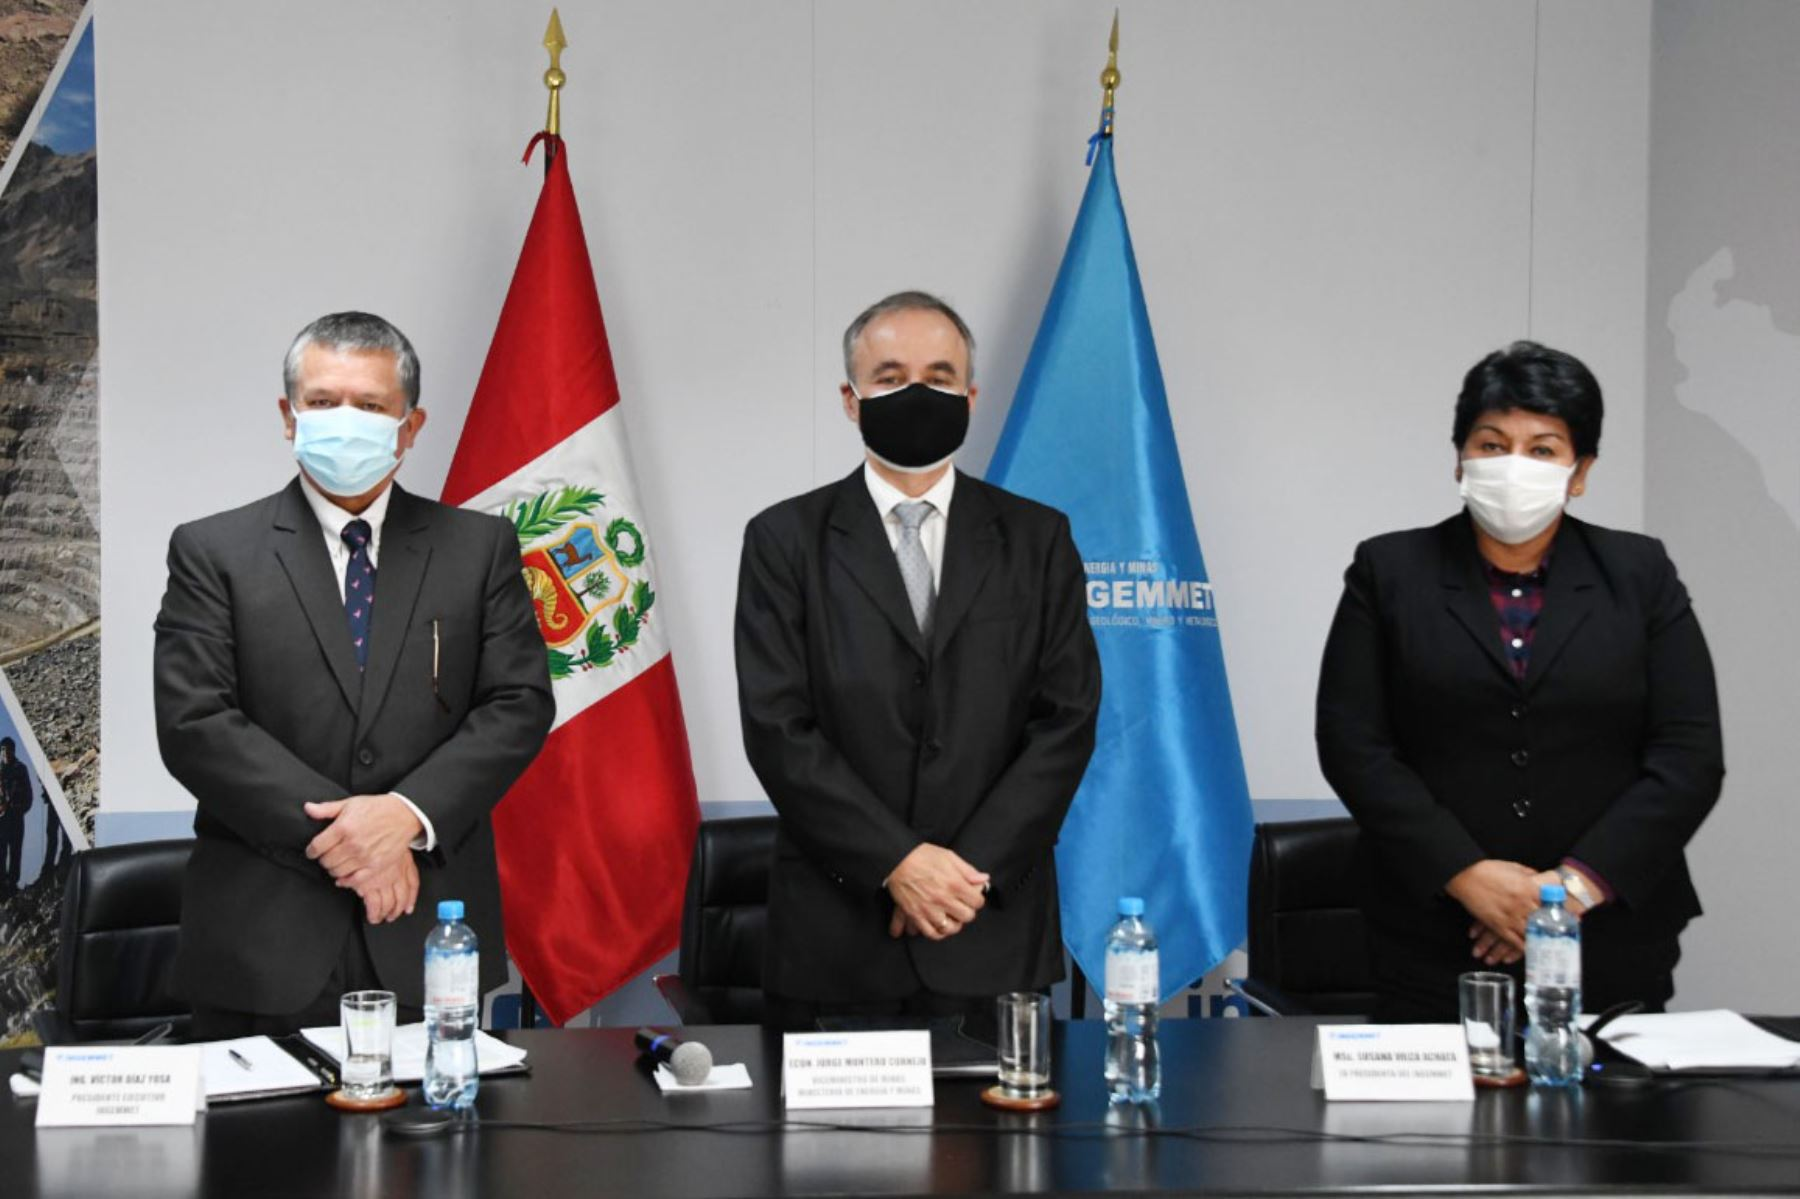 Víctor Manuel Díaz Yosa asumió la presidencia del Consejo Directivo del Instituto Geológico, Minero y Metalúrgico. Foto: ANDINA/Ingemmet.